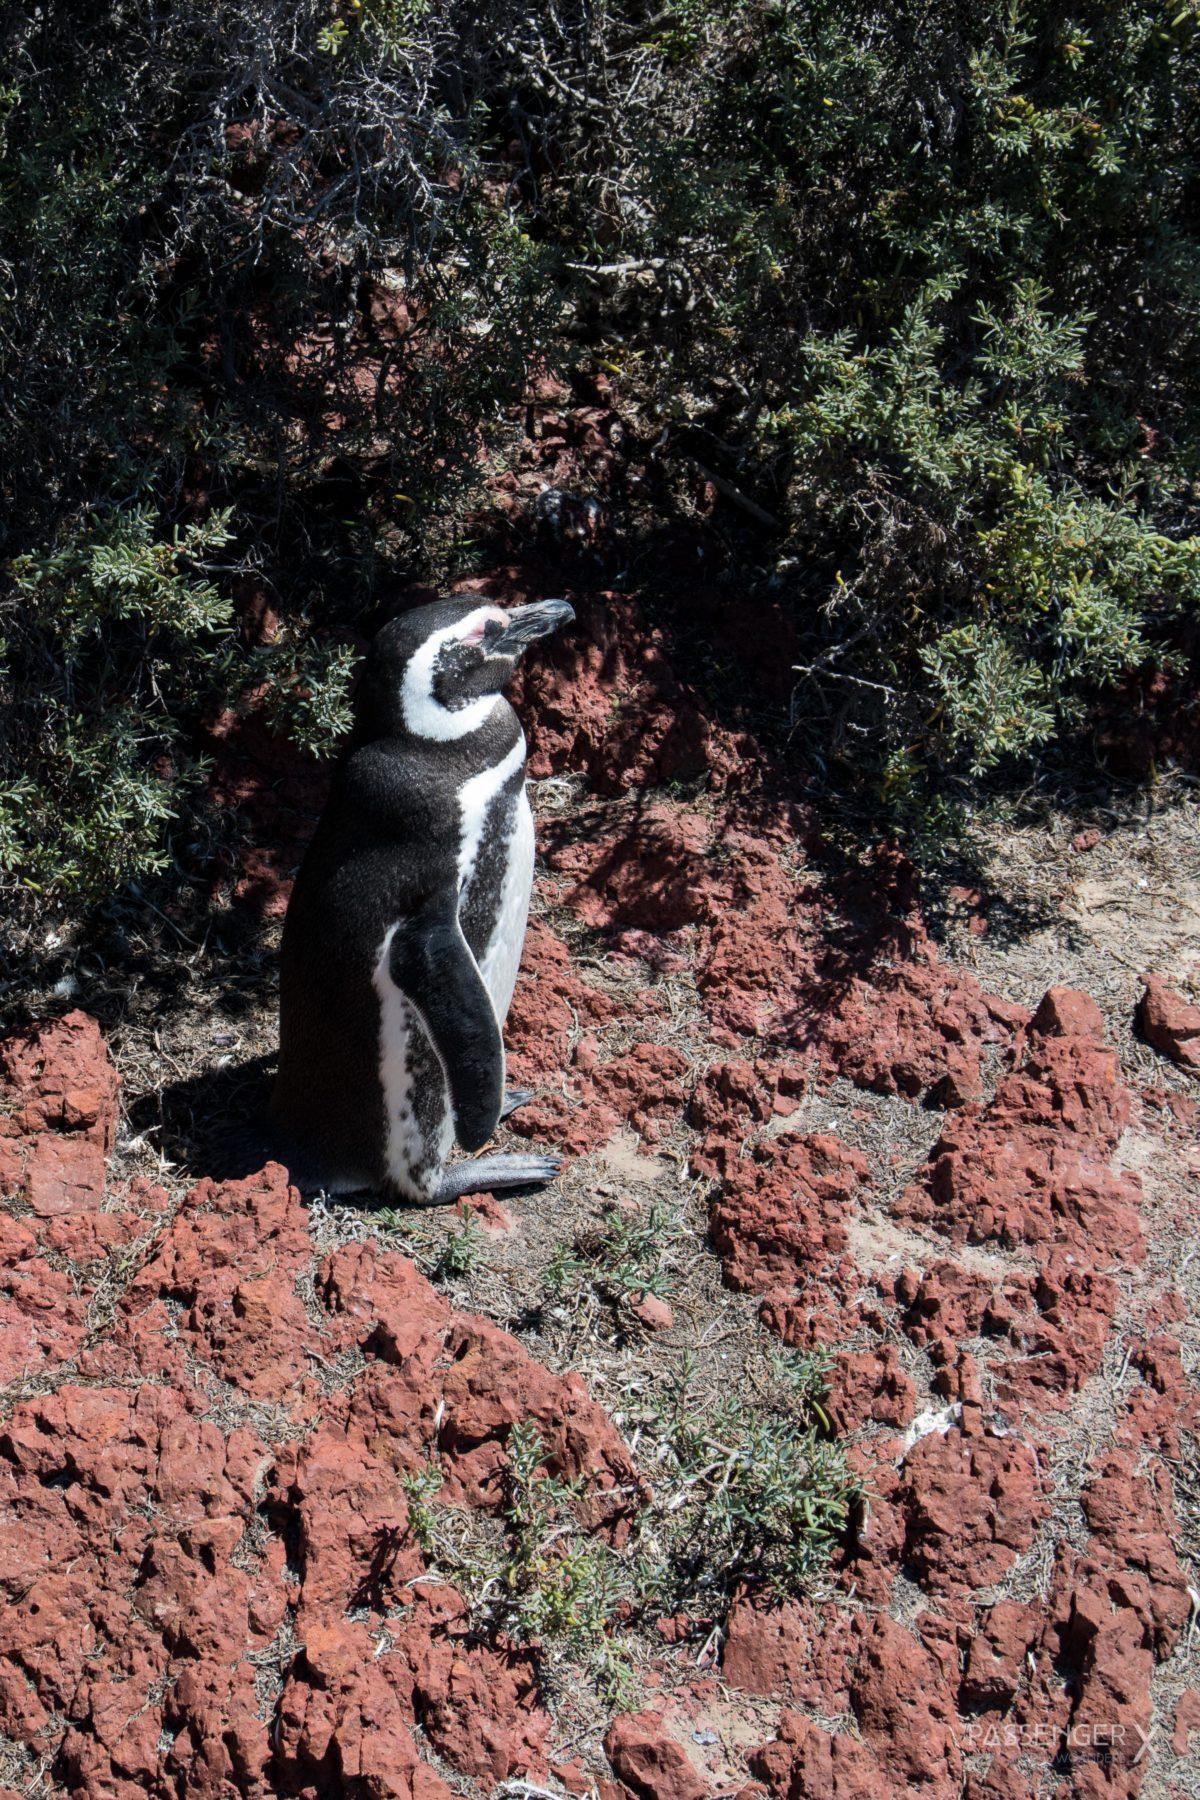 Die einzigartige Schönheit Argentiniens kannst du in Patagonien erleben. Ein besonders eindrucksvoller Ort ist die Region um Puerto Madryn. Whale Watching auf Peninsula Valdes und Pinguine am Punta Tombo - cooler geht's nicht. Wildlife Abenteuer pur. PASSENGER X verrät dir die Spots.